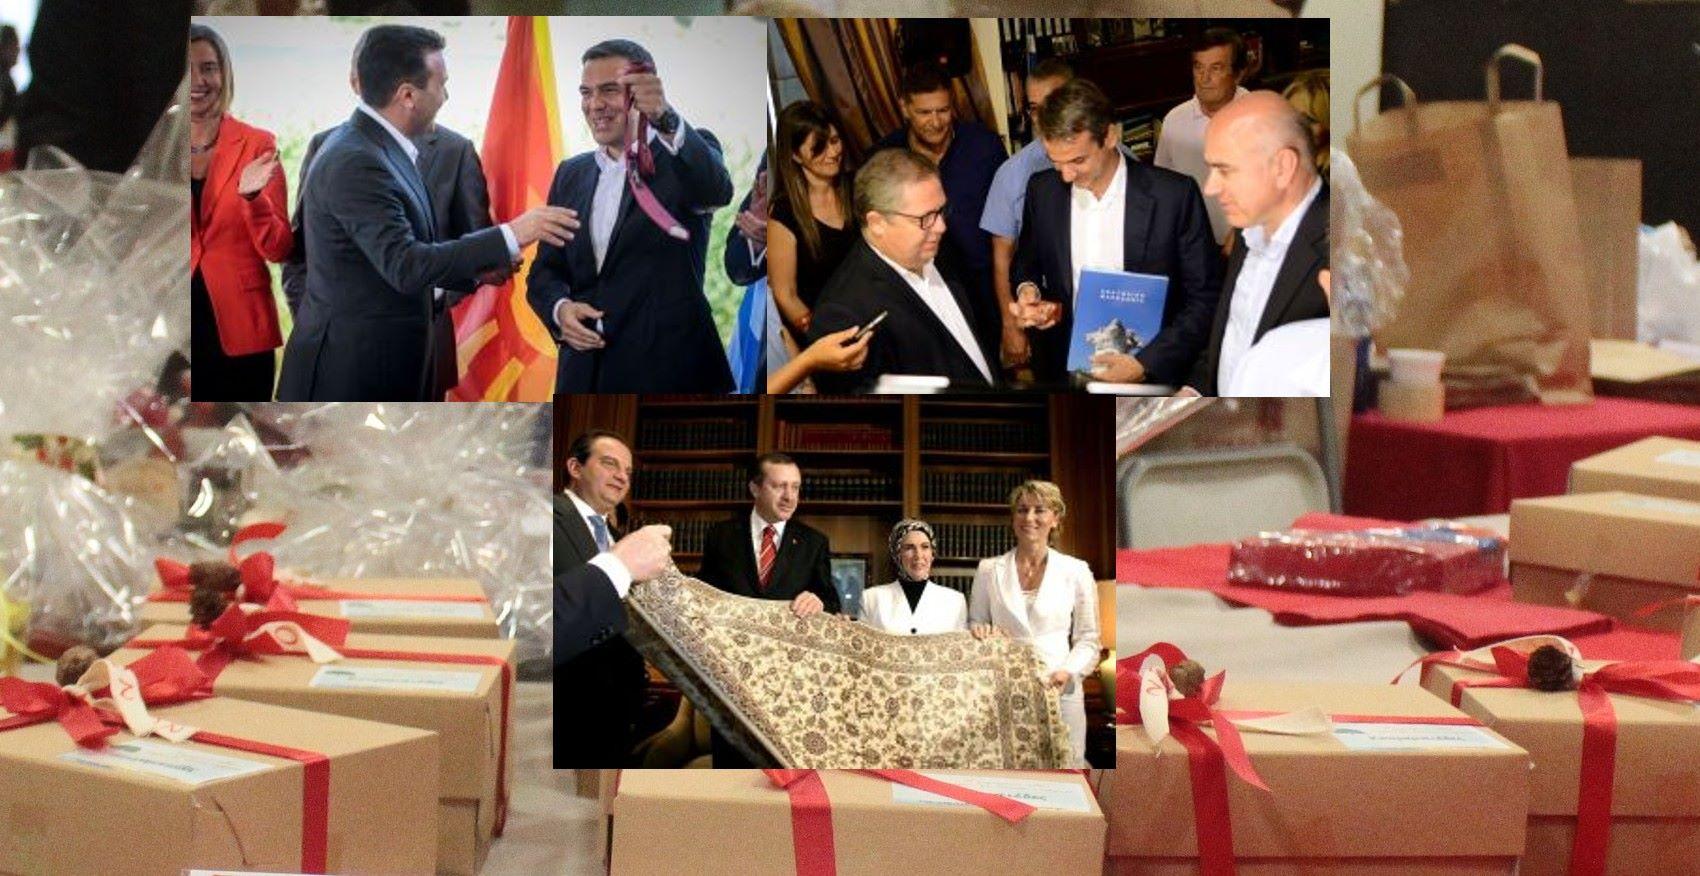 """Νομοθετική διάταξη: Εθιμοτυπικά δώρα σε υπουργούς αξίας άνω των 200 ευρώ συνιστούν έμμεση """"δωροδοκία"""""""